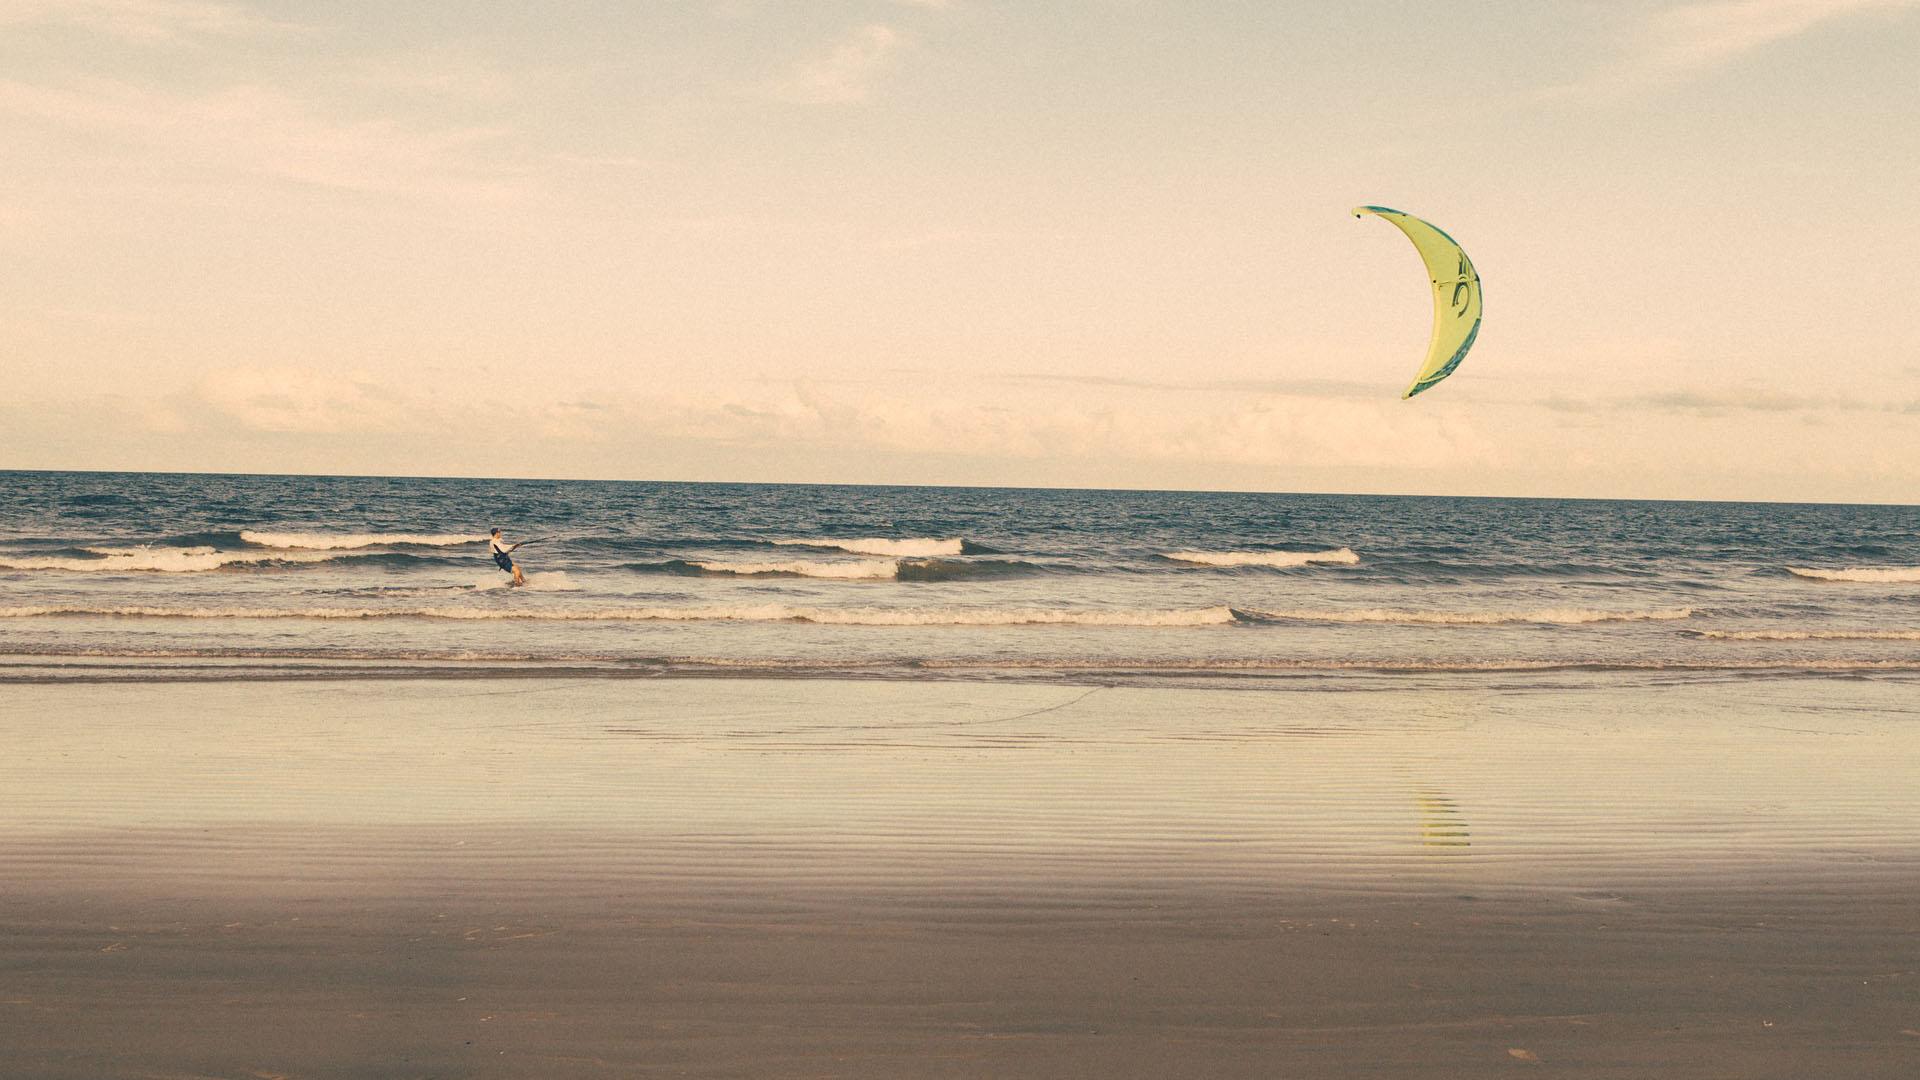 ZanzibarViaggi - KiteSurf